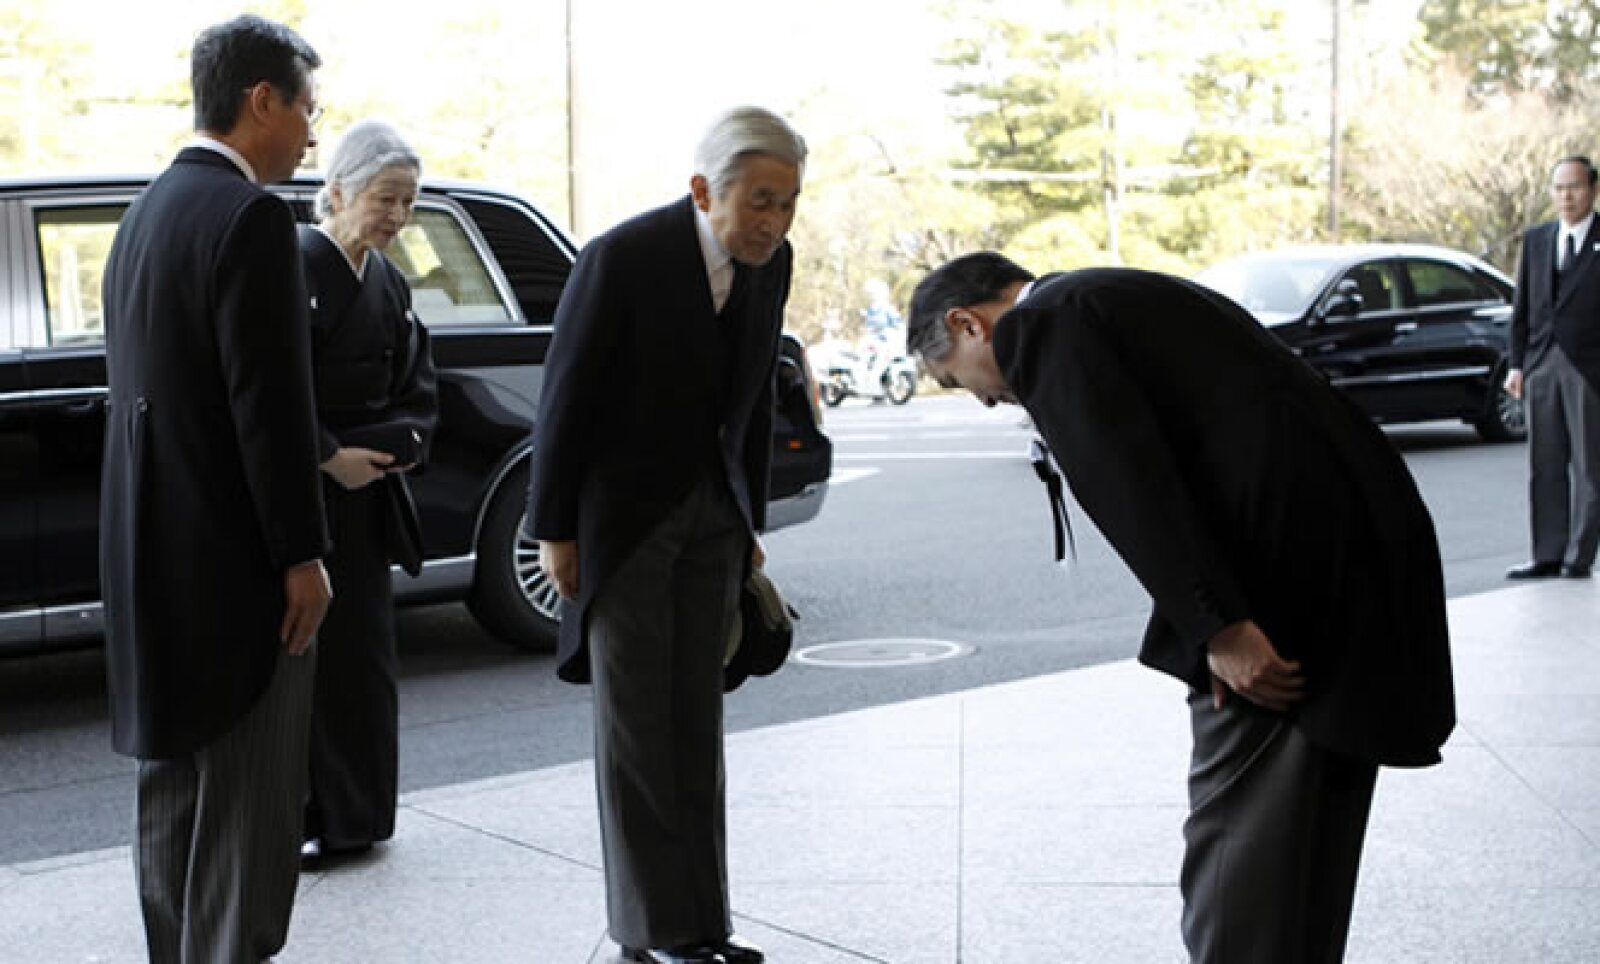 A la celebración realizada en Tokio asistieron unas 1,200 personas, incluido el emperador Akihito (centro) y la emperatriz Michiko, el primer ministro Yoshihiko Noda, sobrevivientes y familiares de las víctimas.